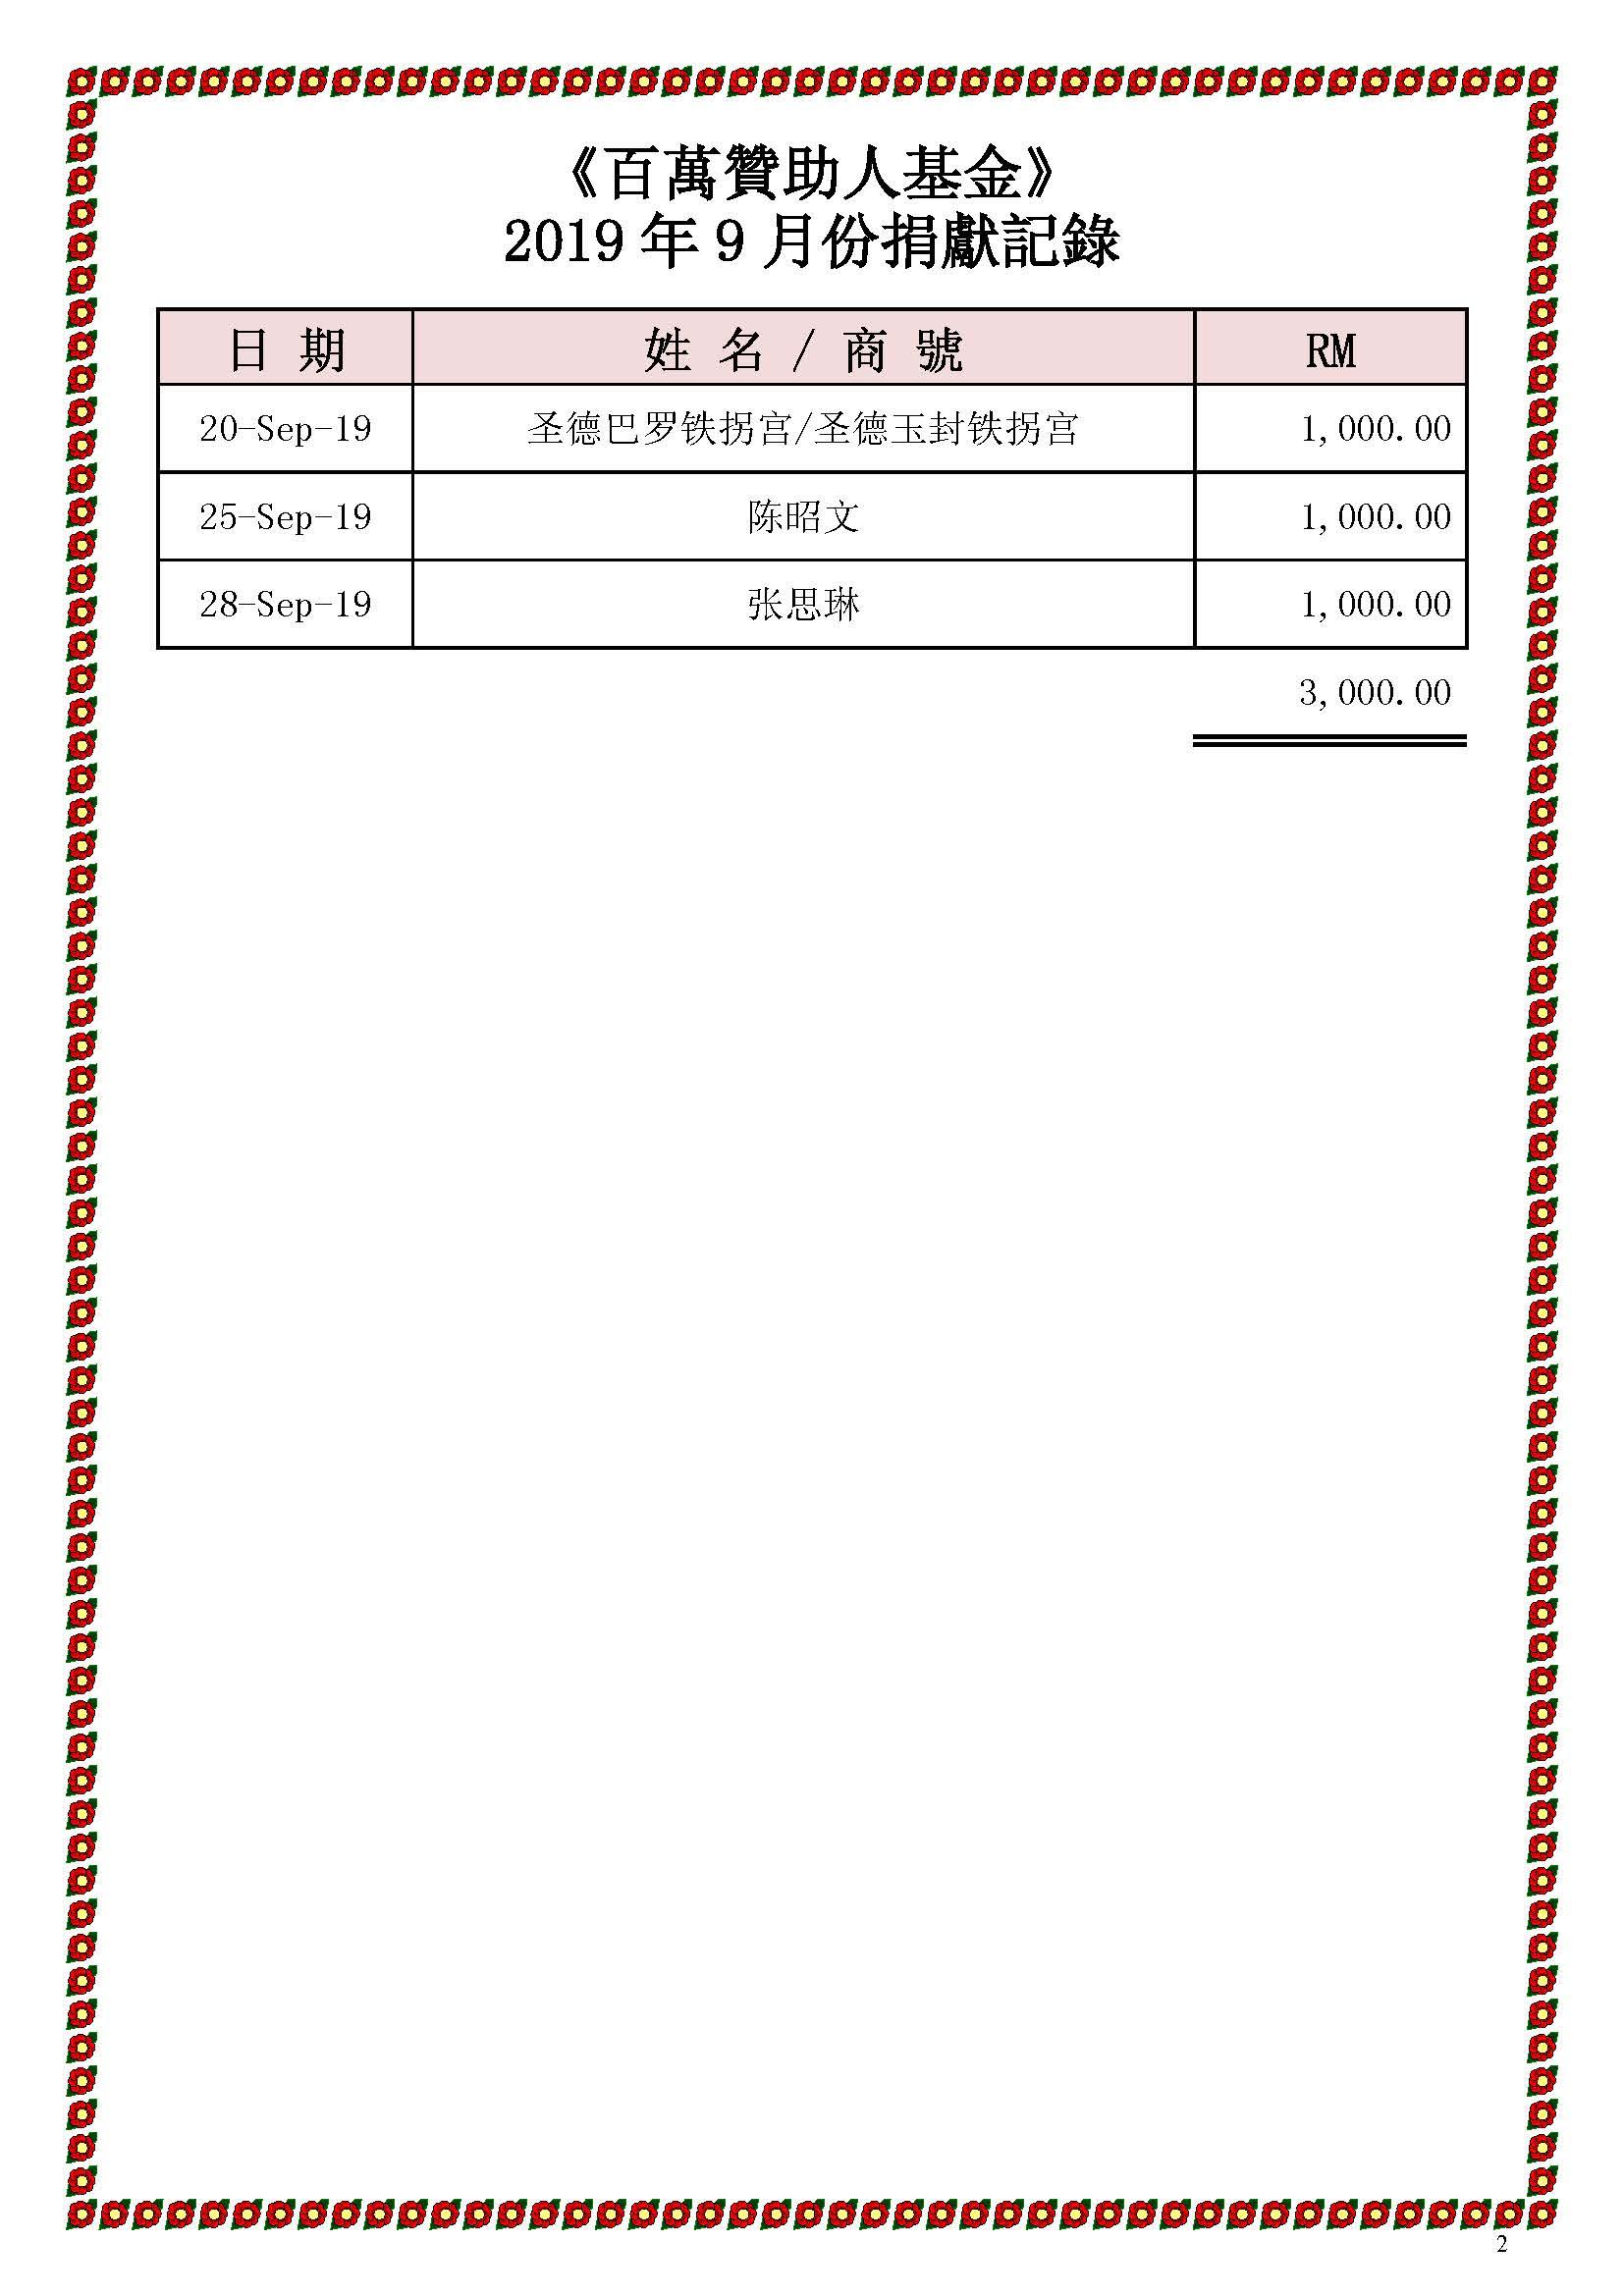 2019年9月份捐獻記錄-修改后_Page_2